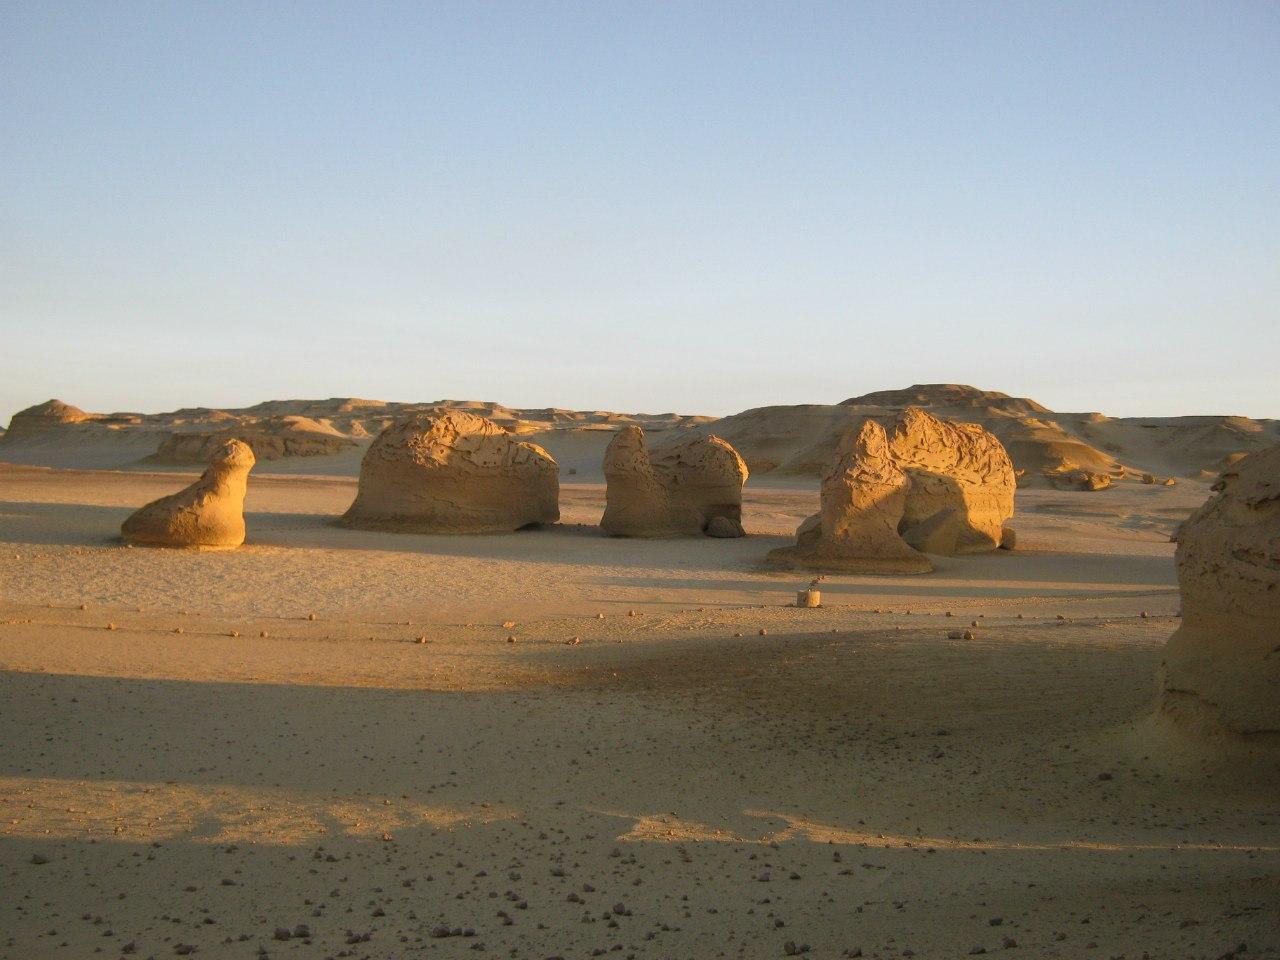 камни кажутся окаменевшими животными